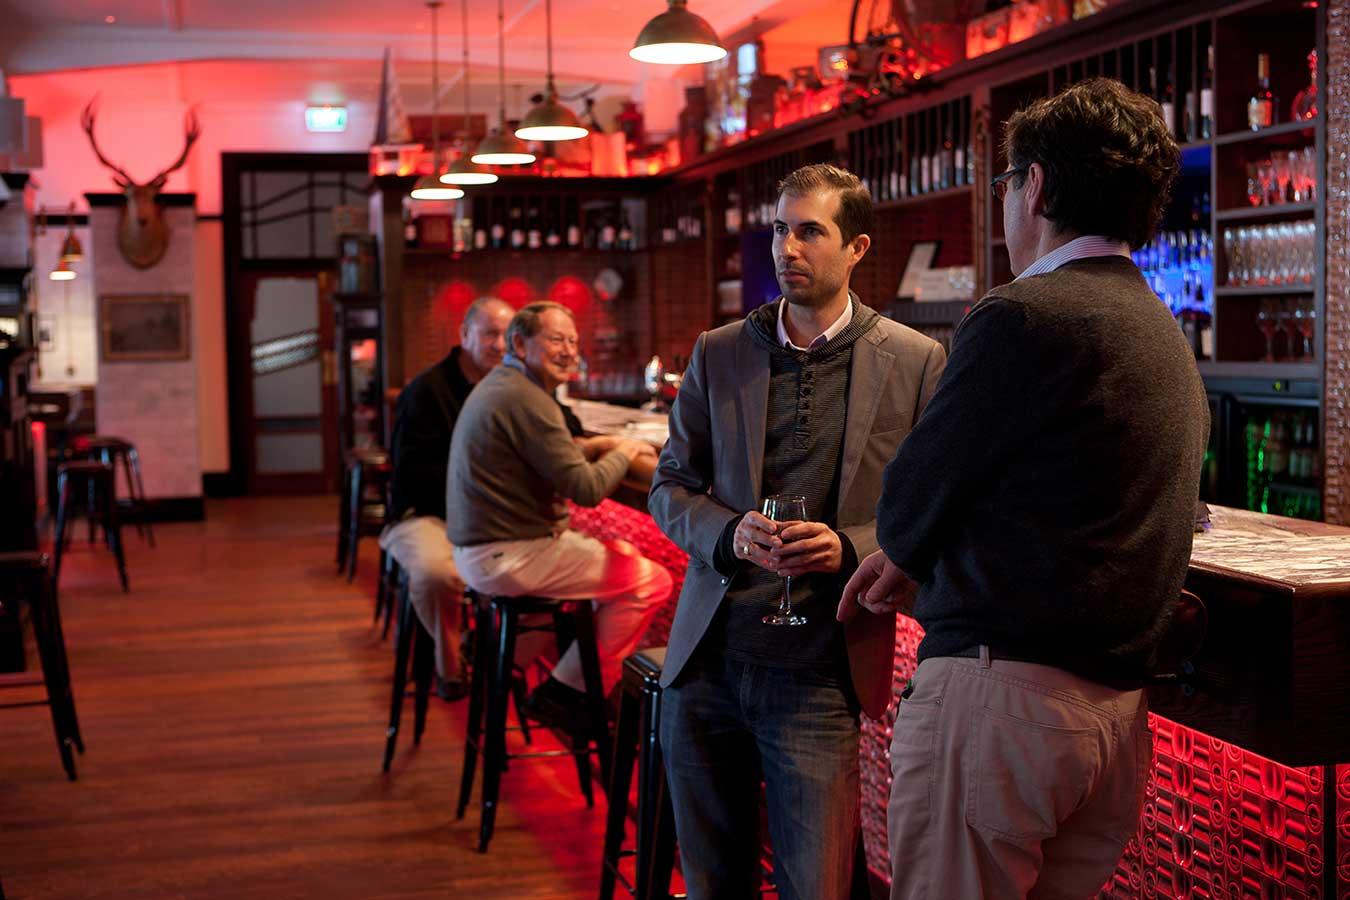 Emporium Eatery and Bar